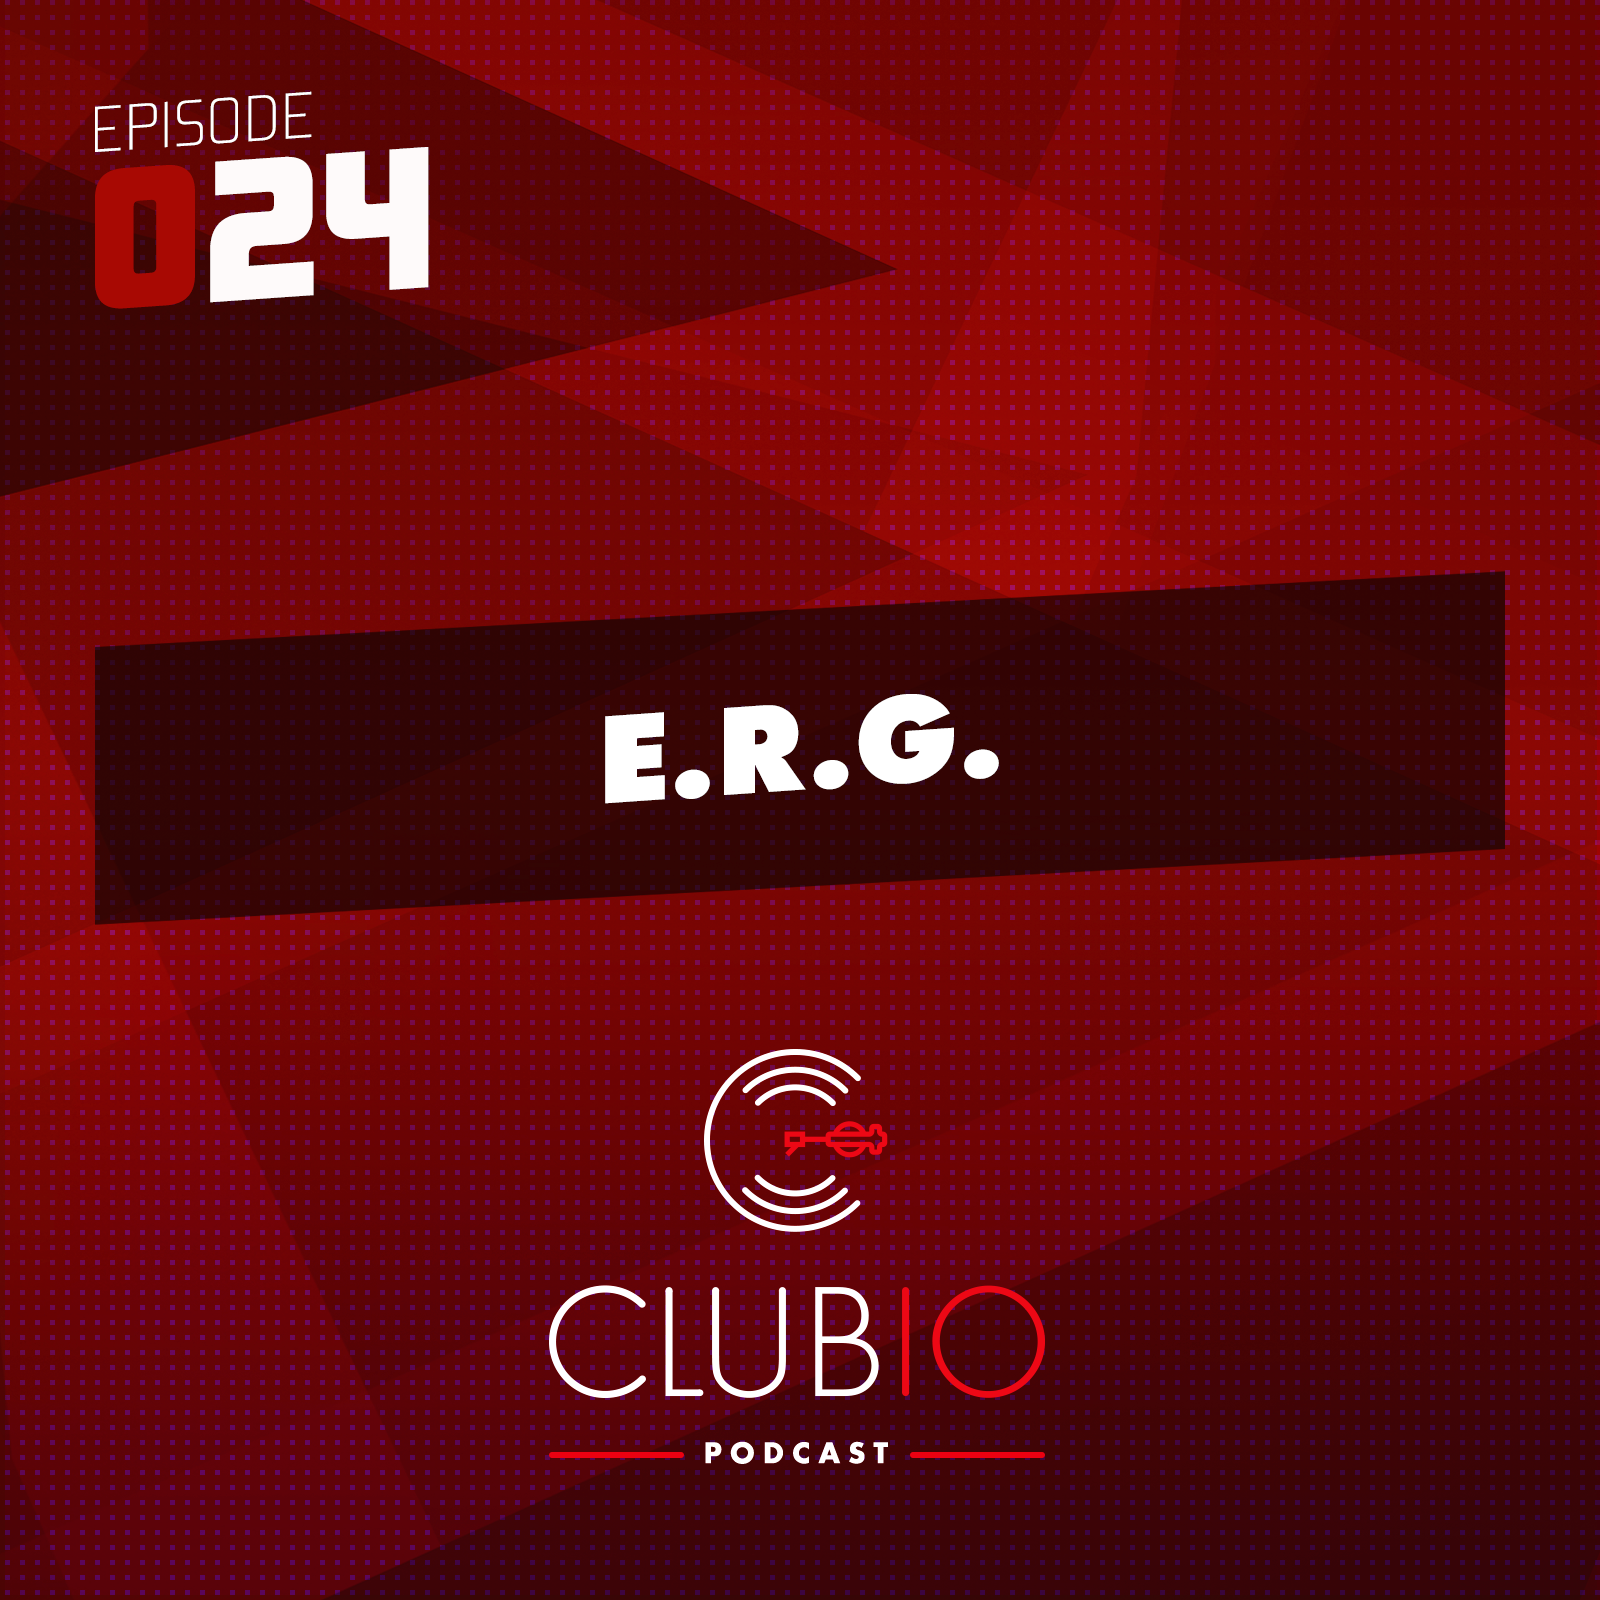 Clubio Podcast 024 - E.R.G.